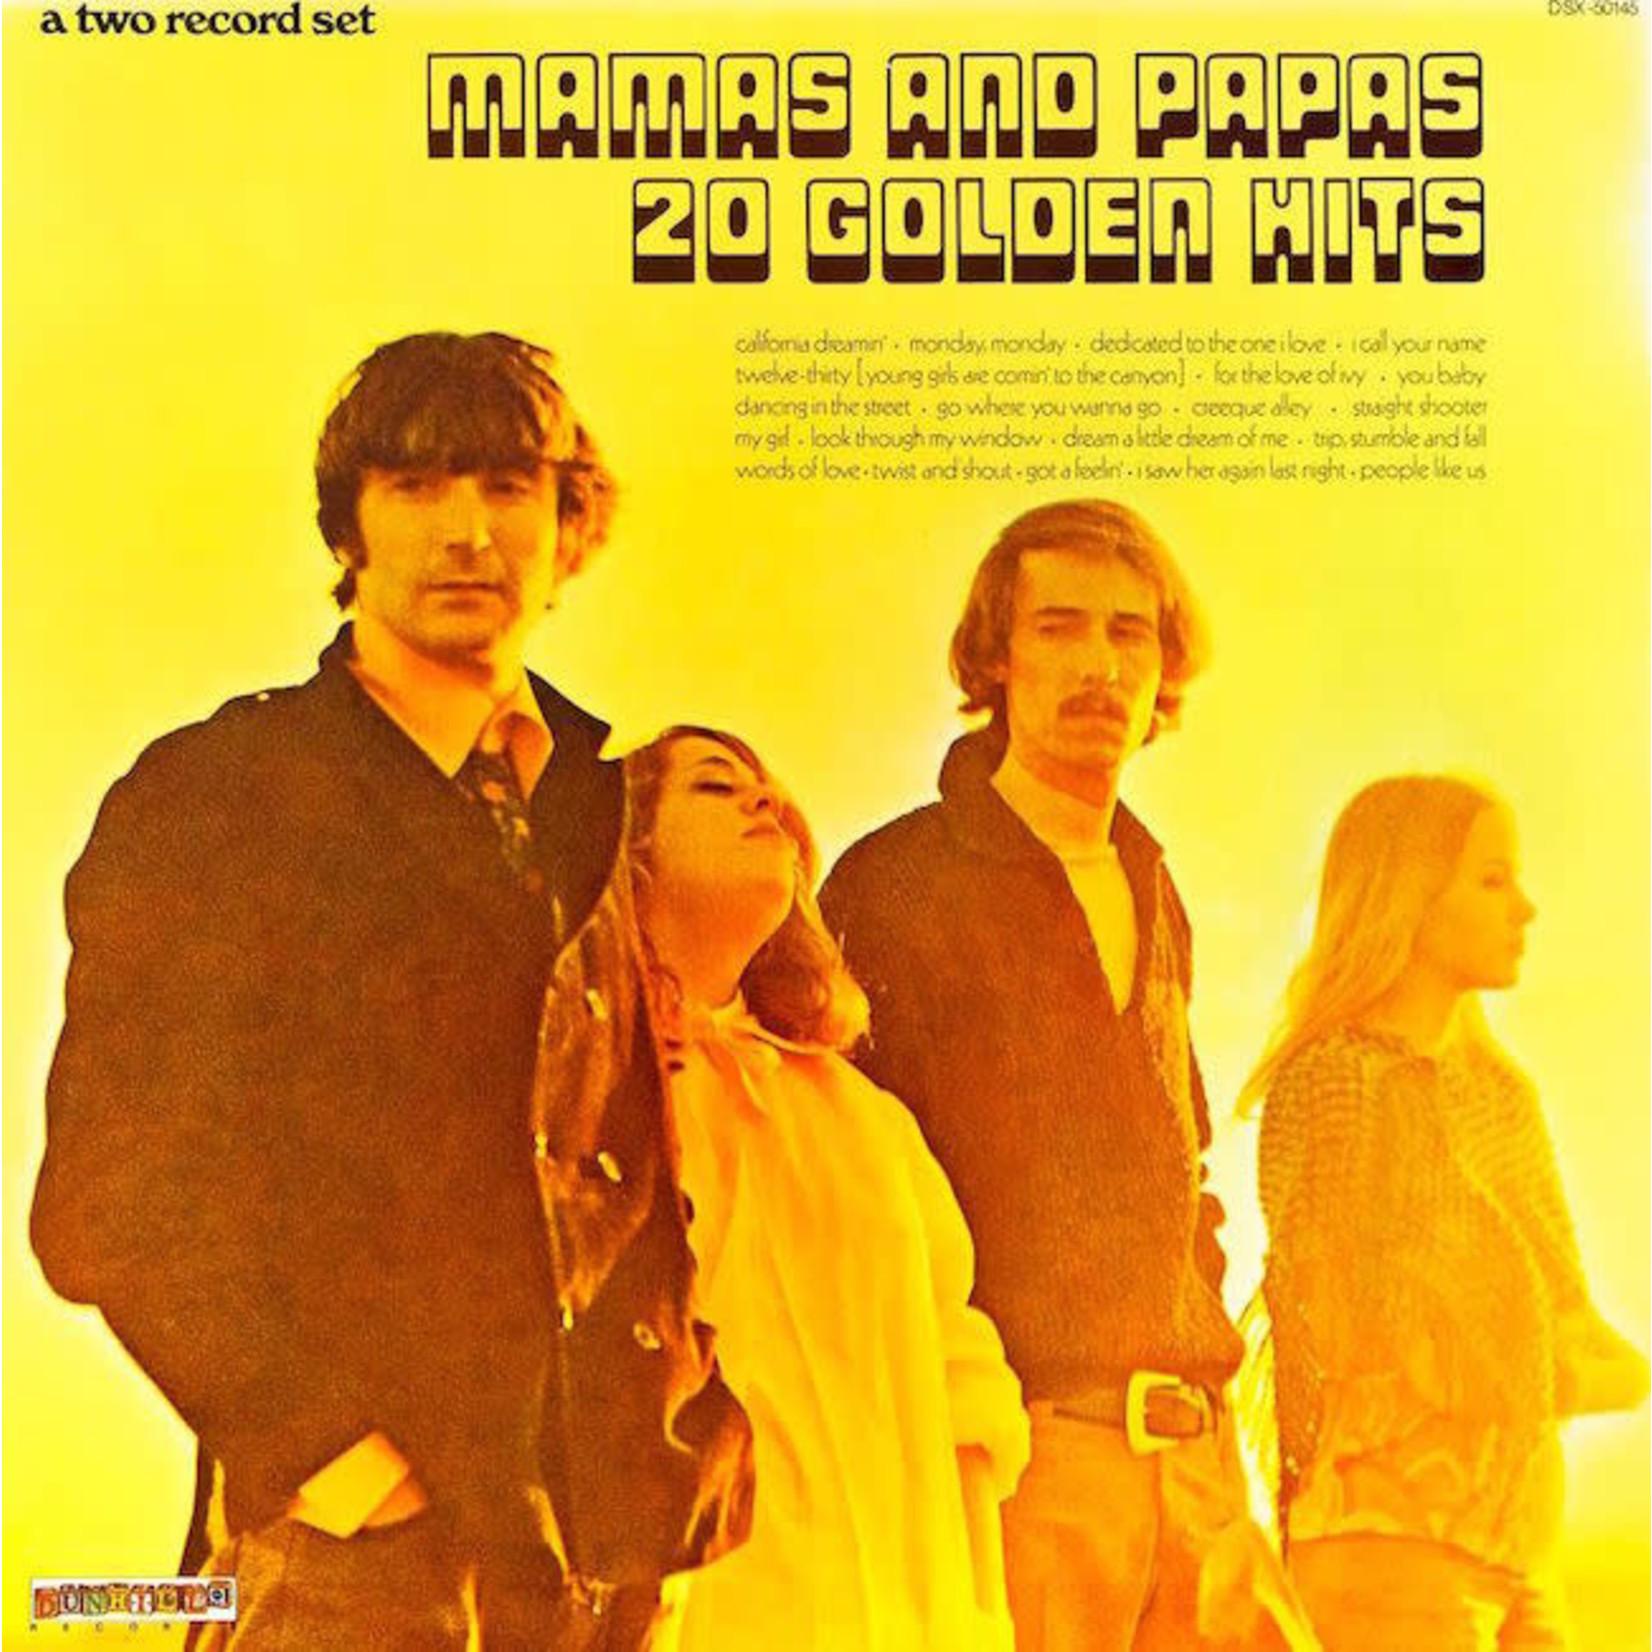 [Vintage] Mamas & Papas: 20 Golden Hits (2LP)